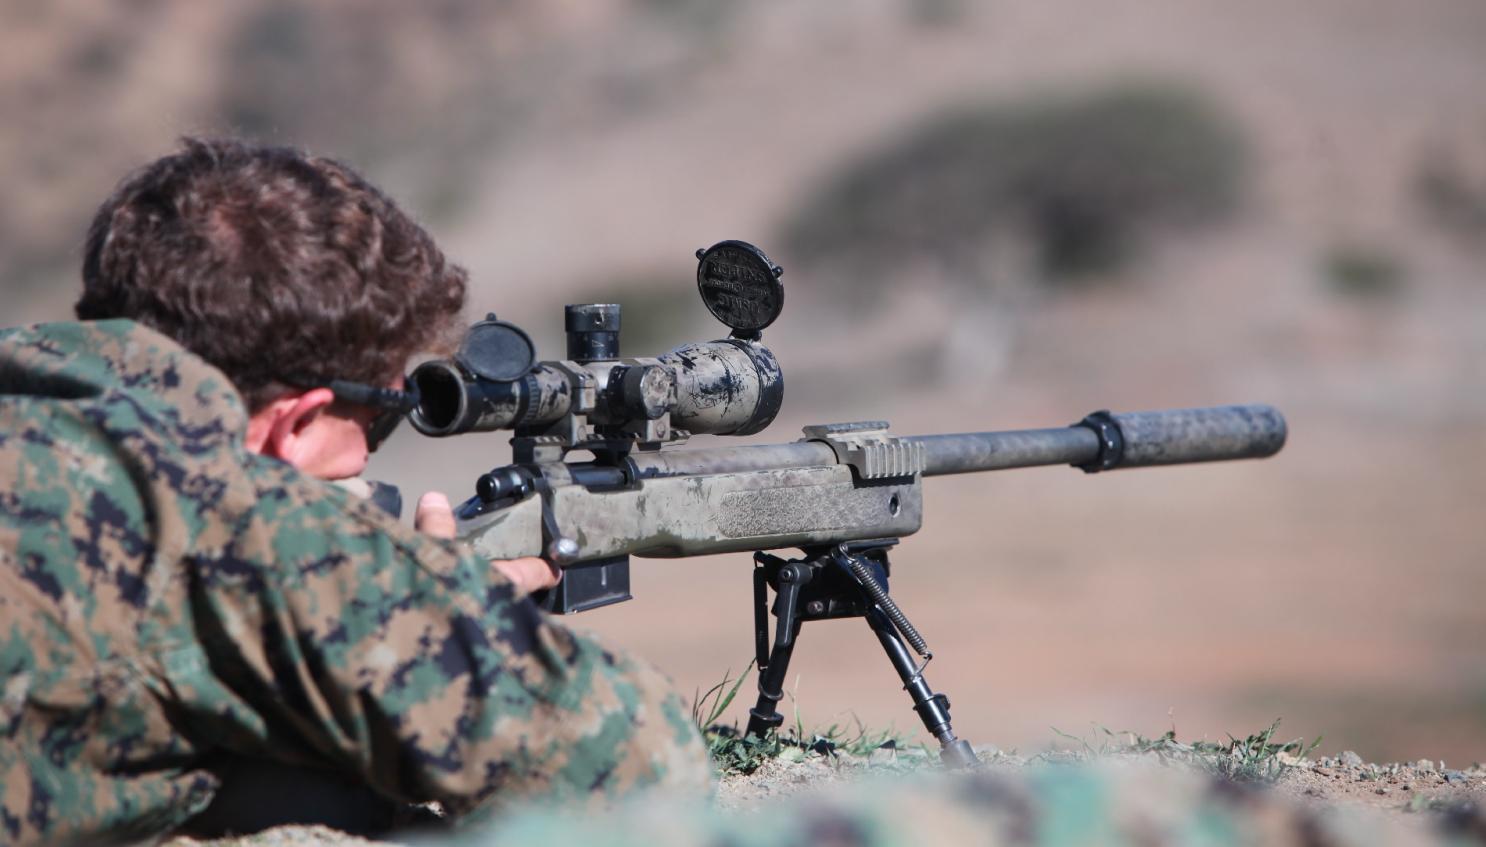 34 azərbaycanlı uşaq snayperlər tərəfindən öldürülüb -